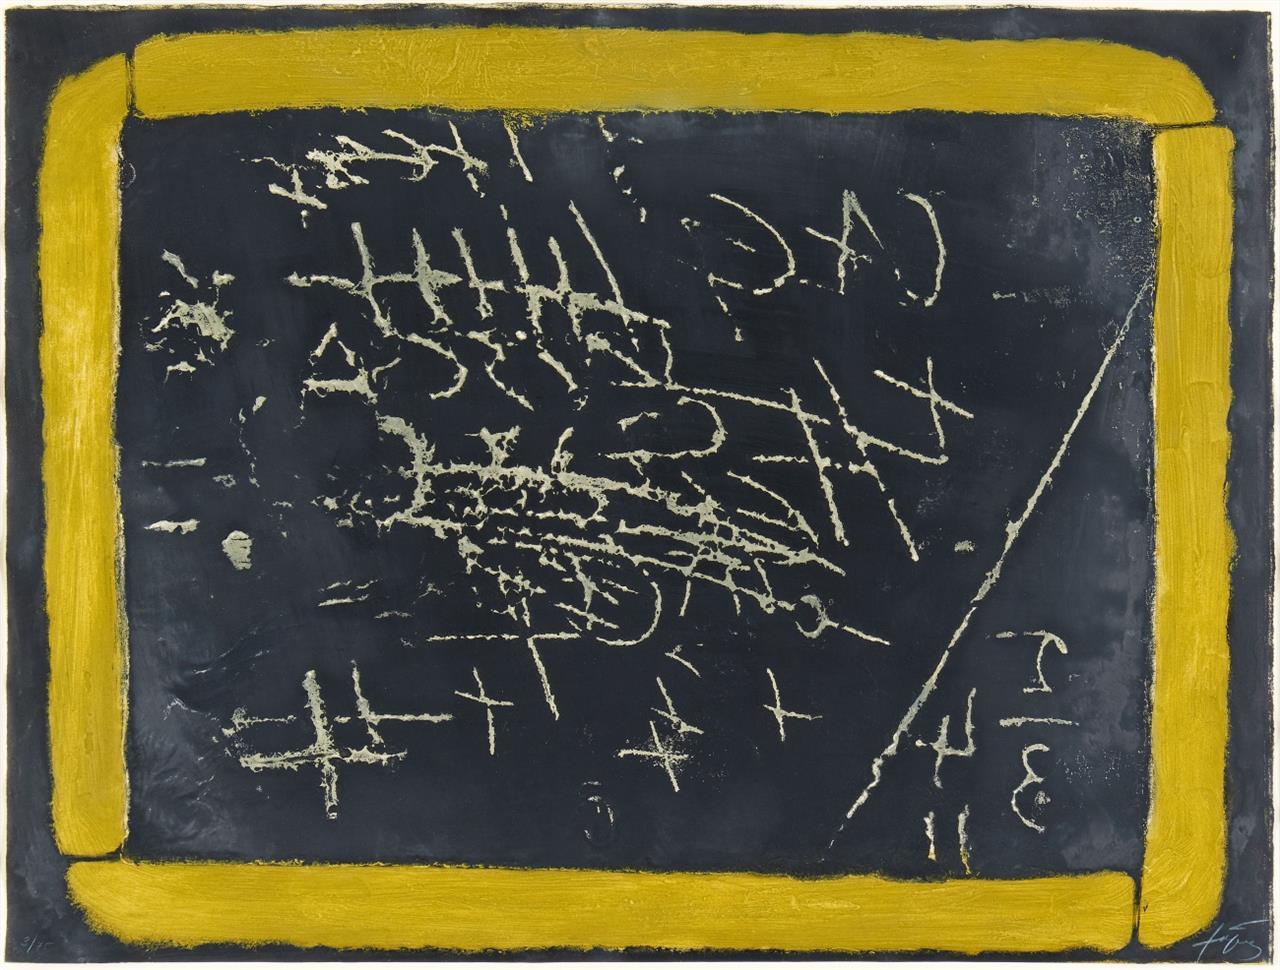 Antoni Tàpies. Pissarra. 1972. Radierung und Carborundum auf Guarro. Signiert. Ex.3/75. G. 287.